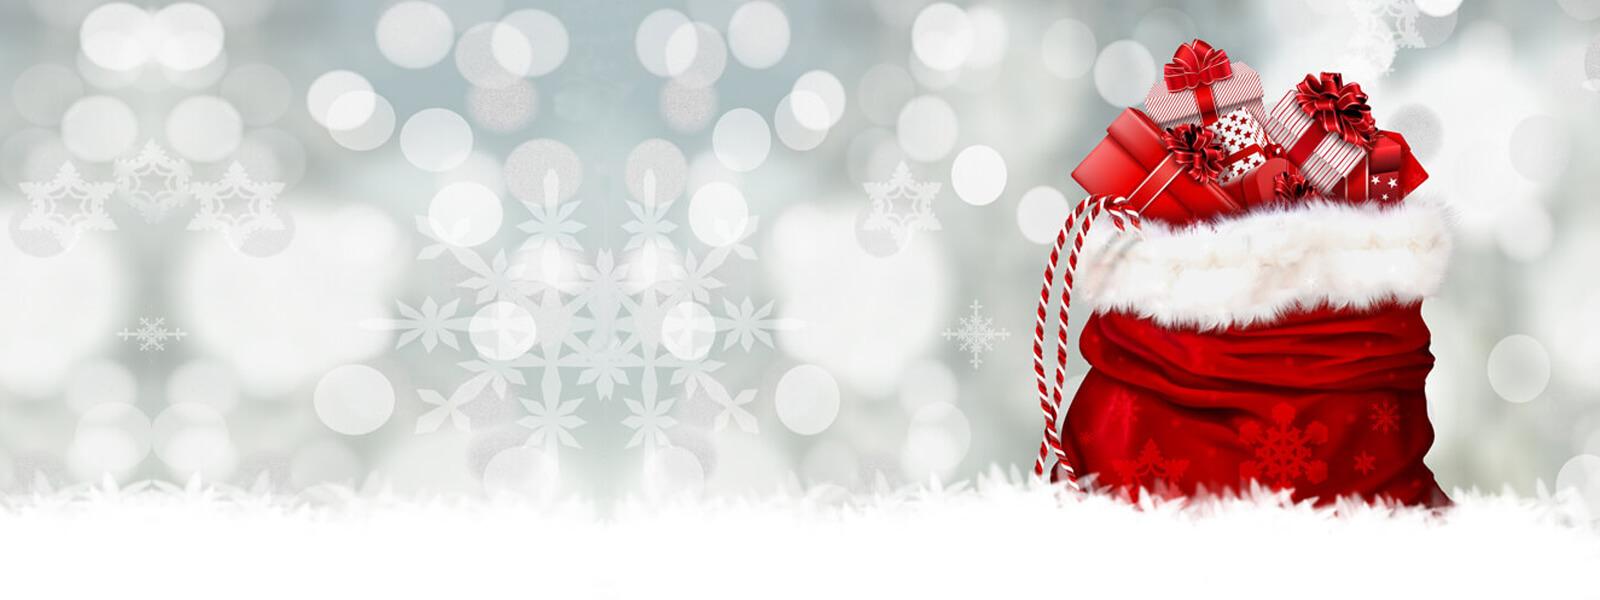 Schneeflocken, Schnee, Weihnachtssack gefüllt mit Geschenken